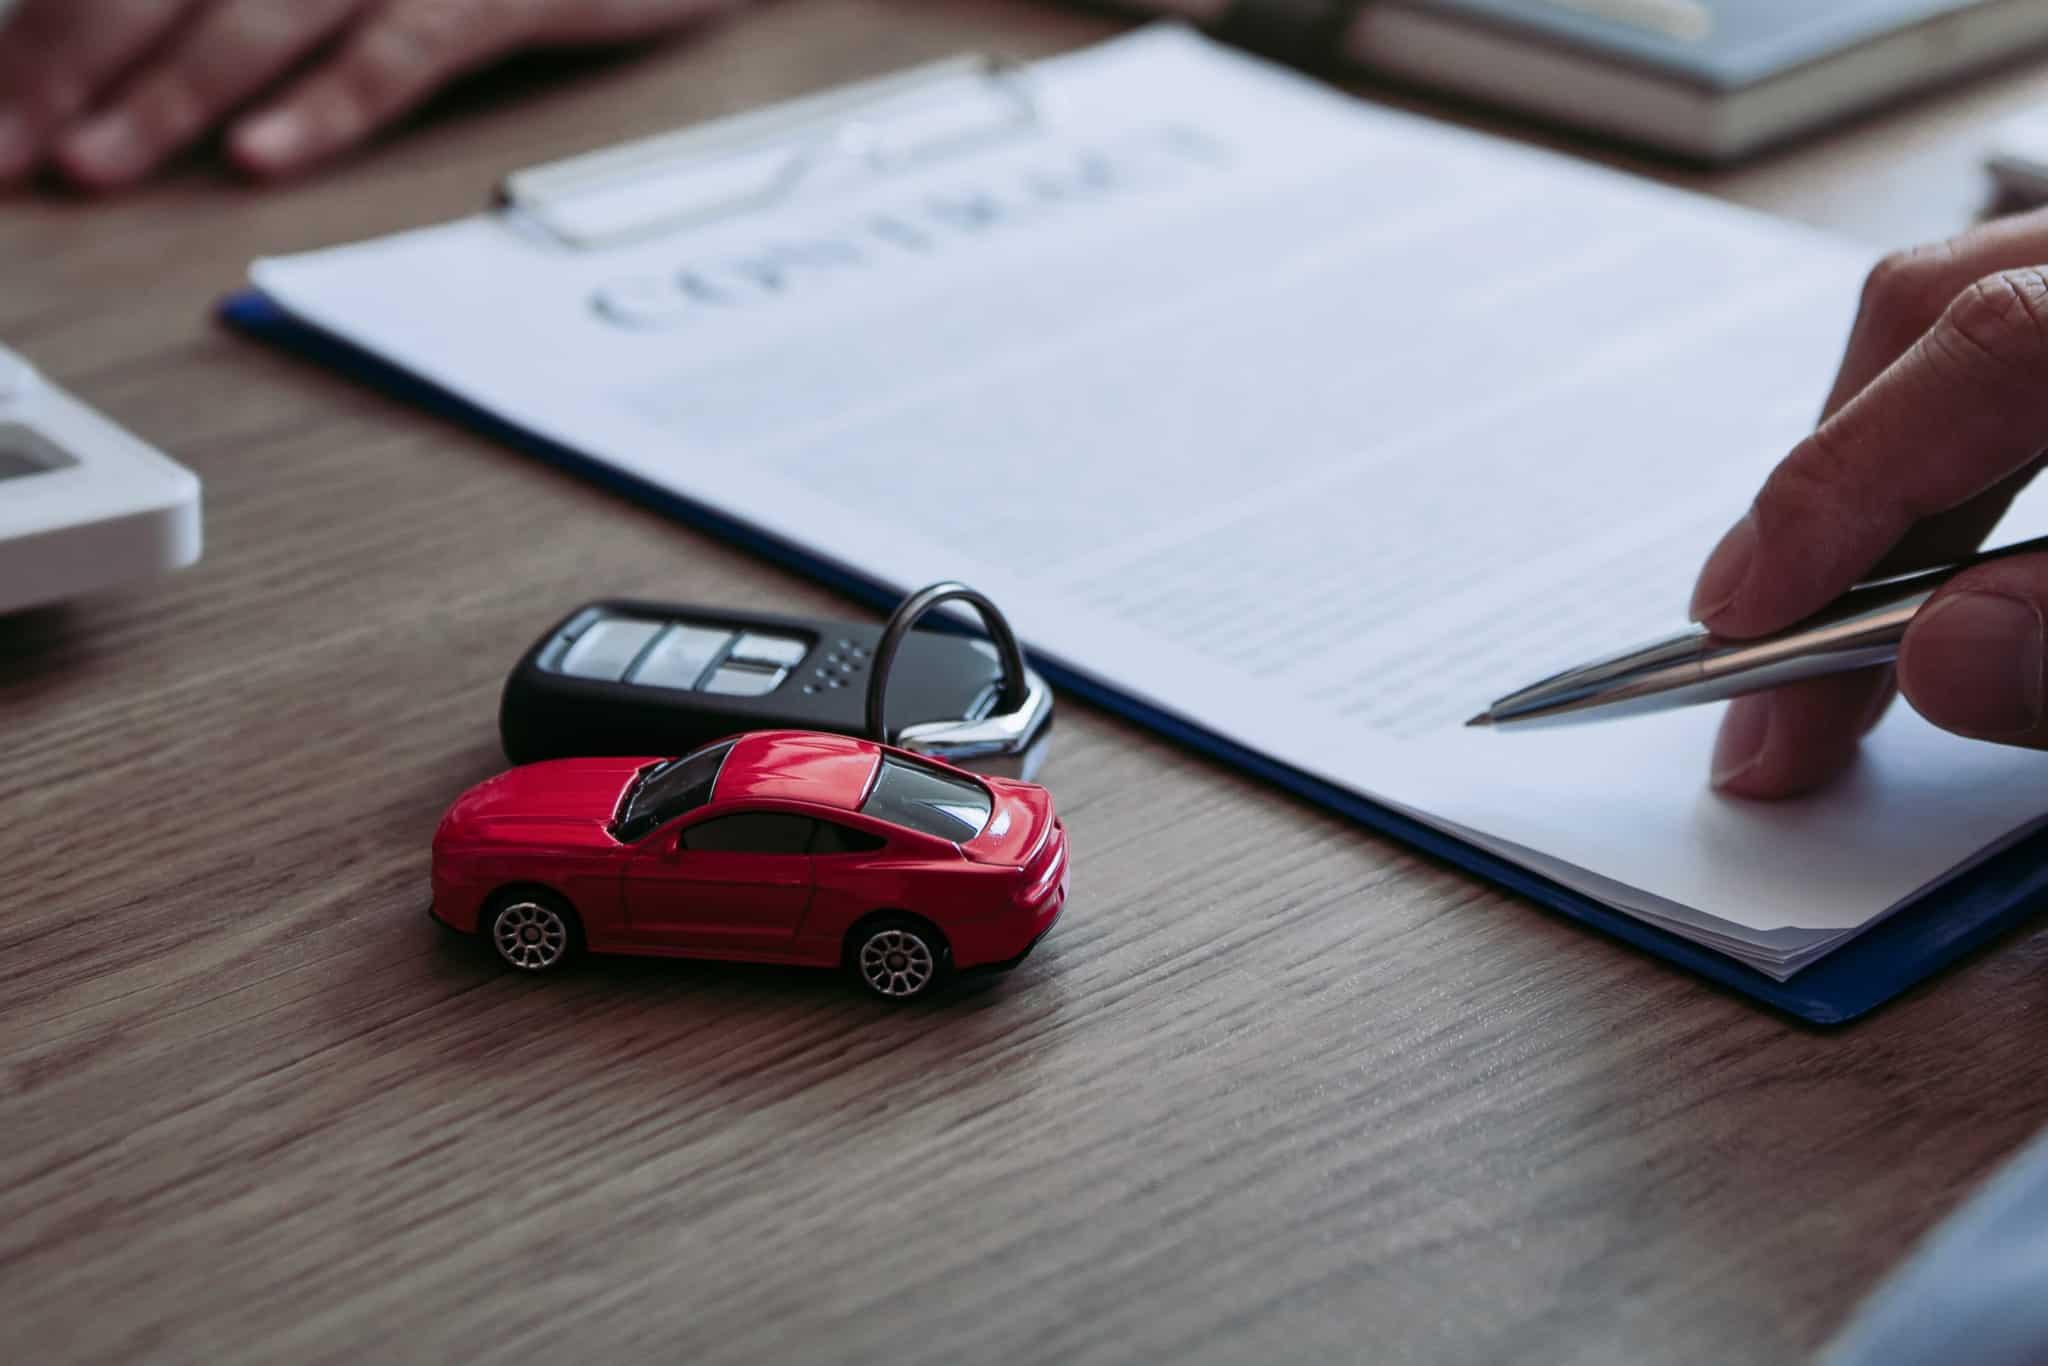 Doutor Finanças_Seguro auto_negociar_crédito auto_